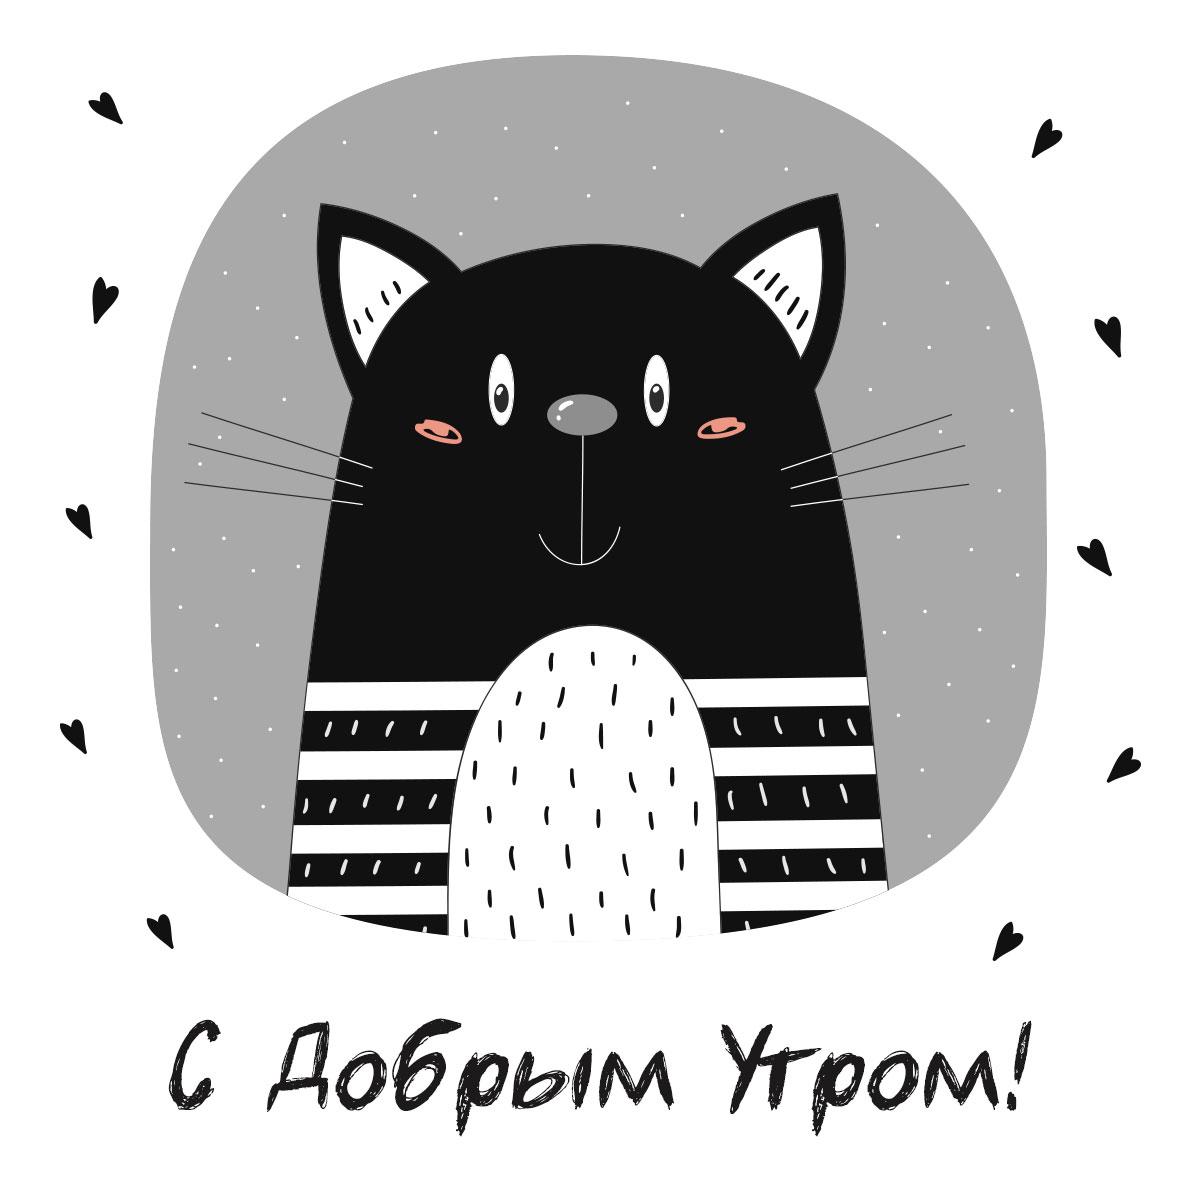 Картинка с текстом с добрым утром под чёрно-белым графическим рисунком морды кота.